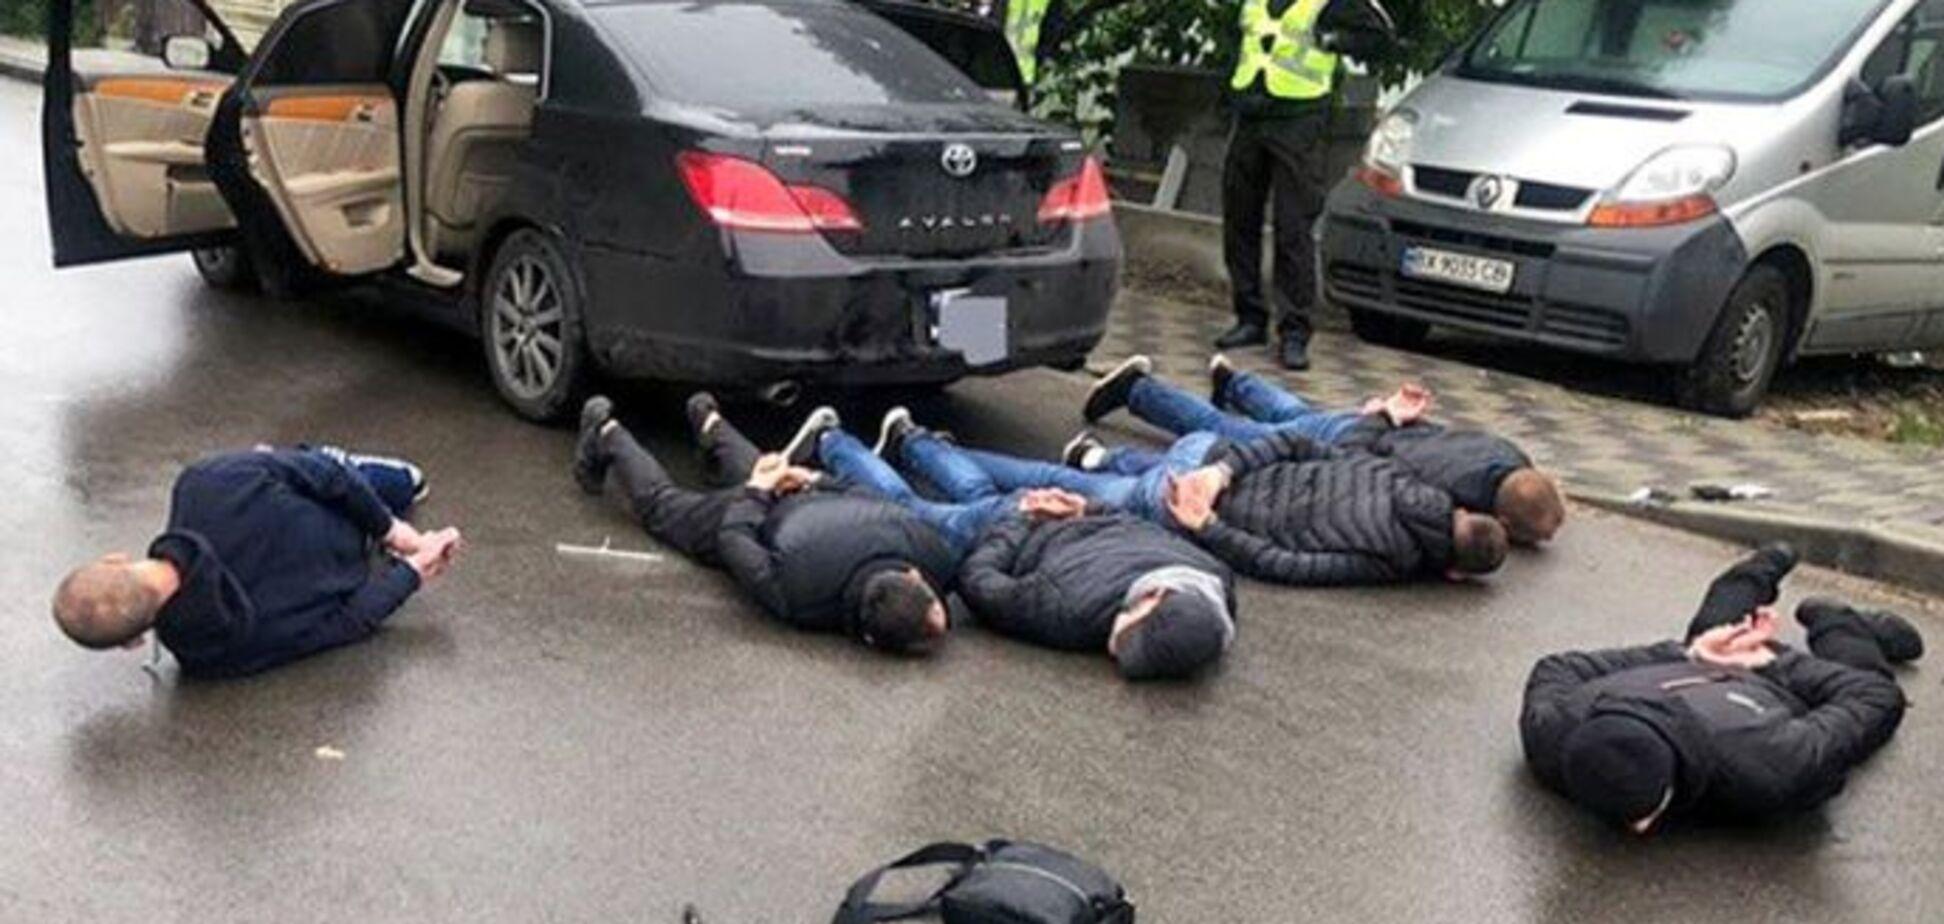 У перестрілці в Броварах брали участь 4 охоронні фірми з Києва: їх покарали